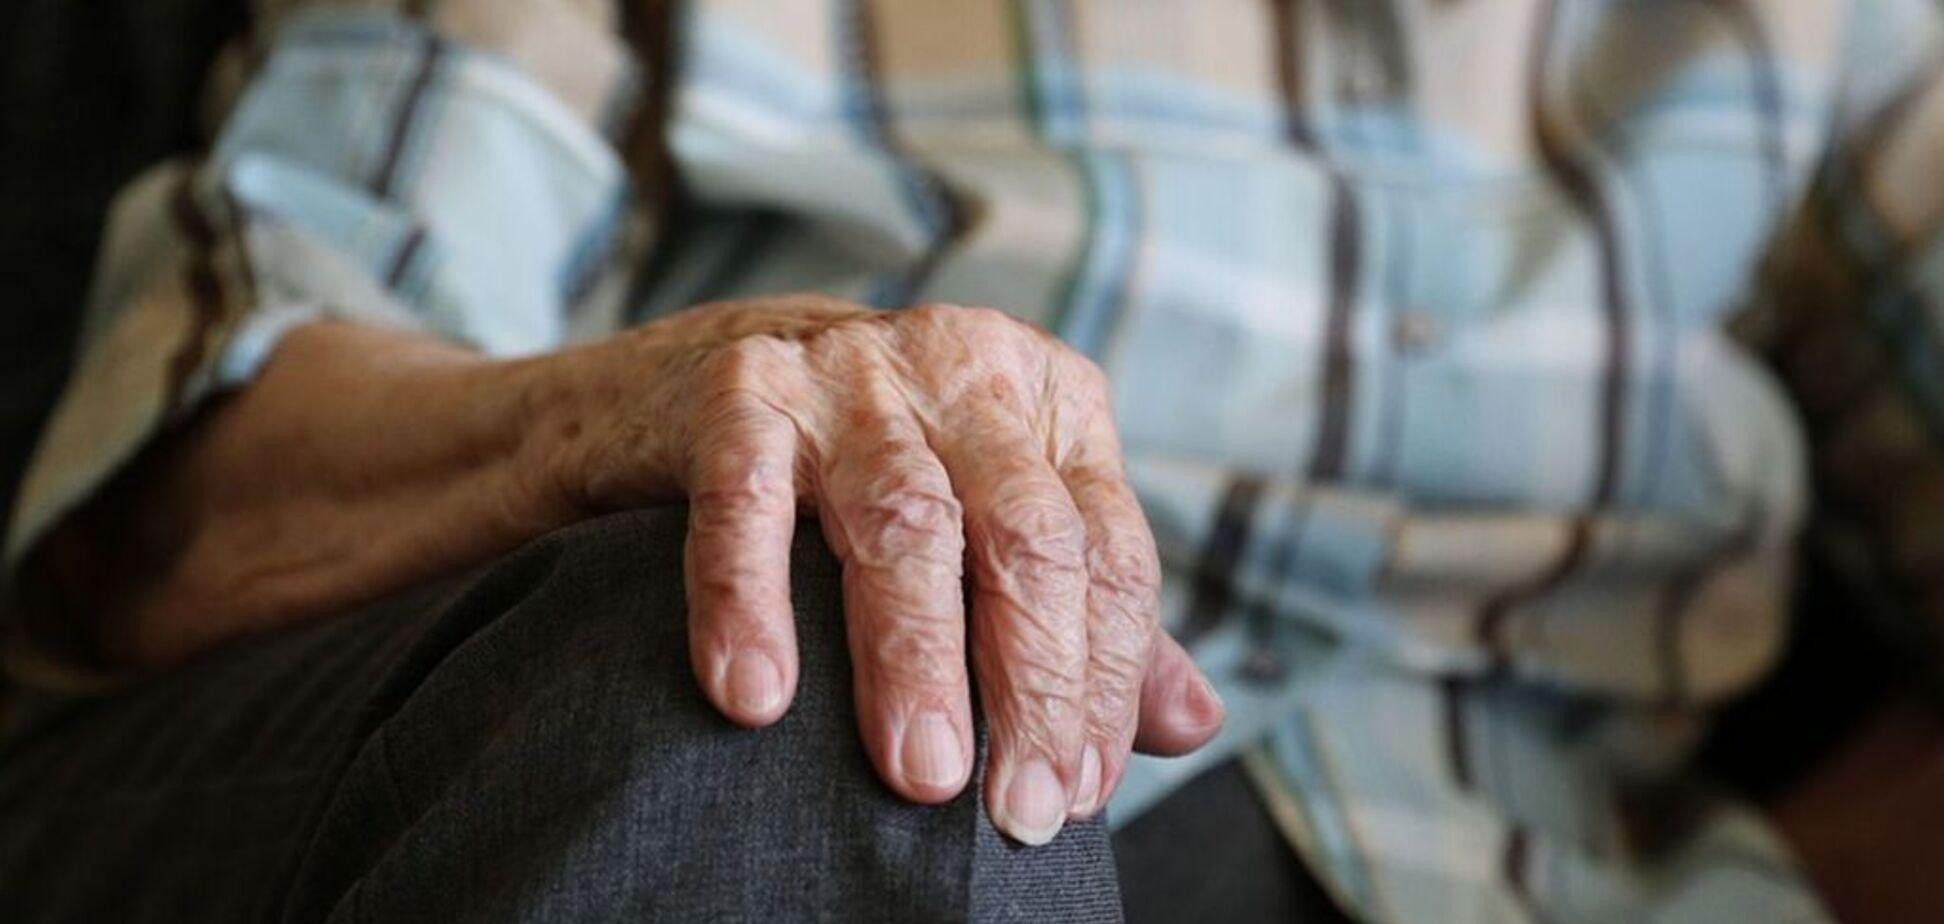 В Харькове 24-летний парень изнасиловал 77-летнюю старушку